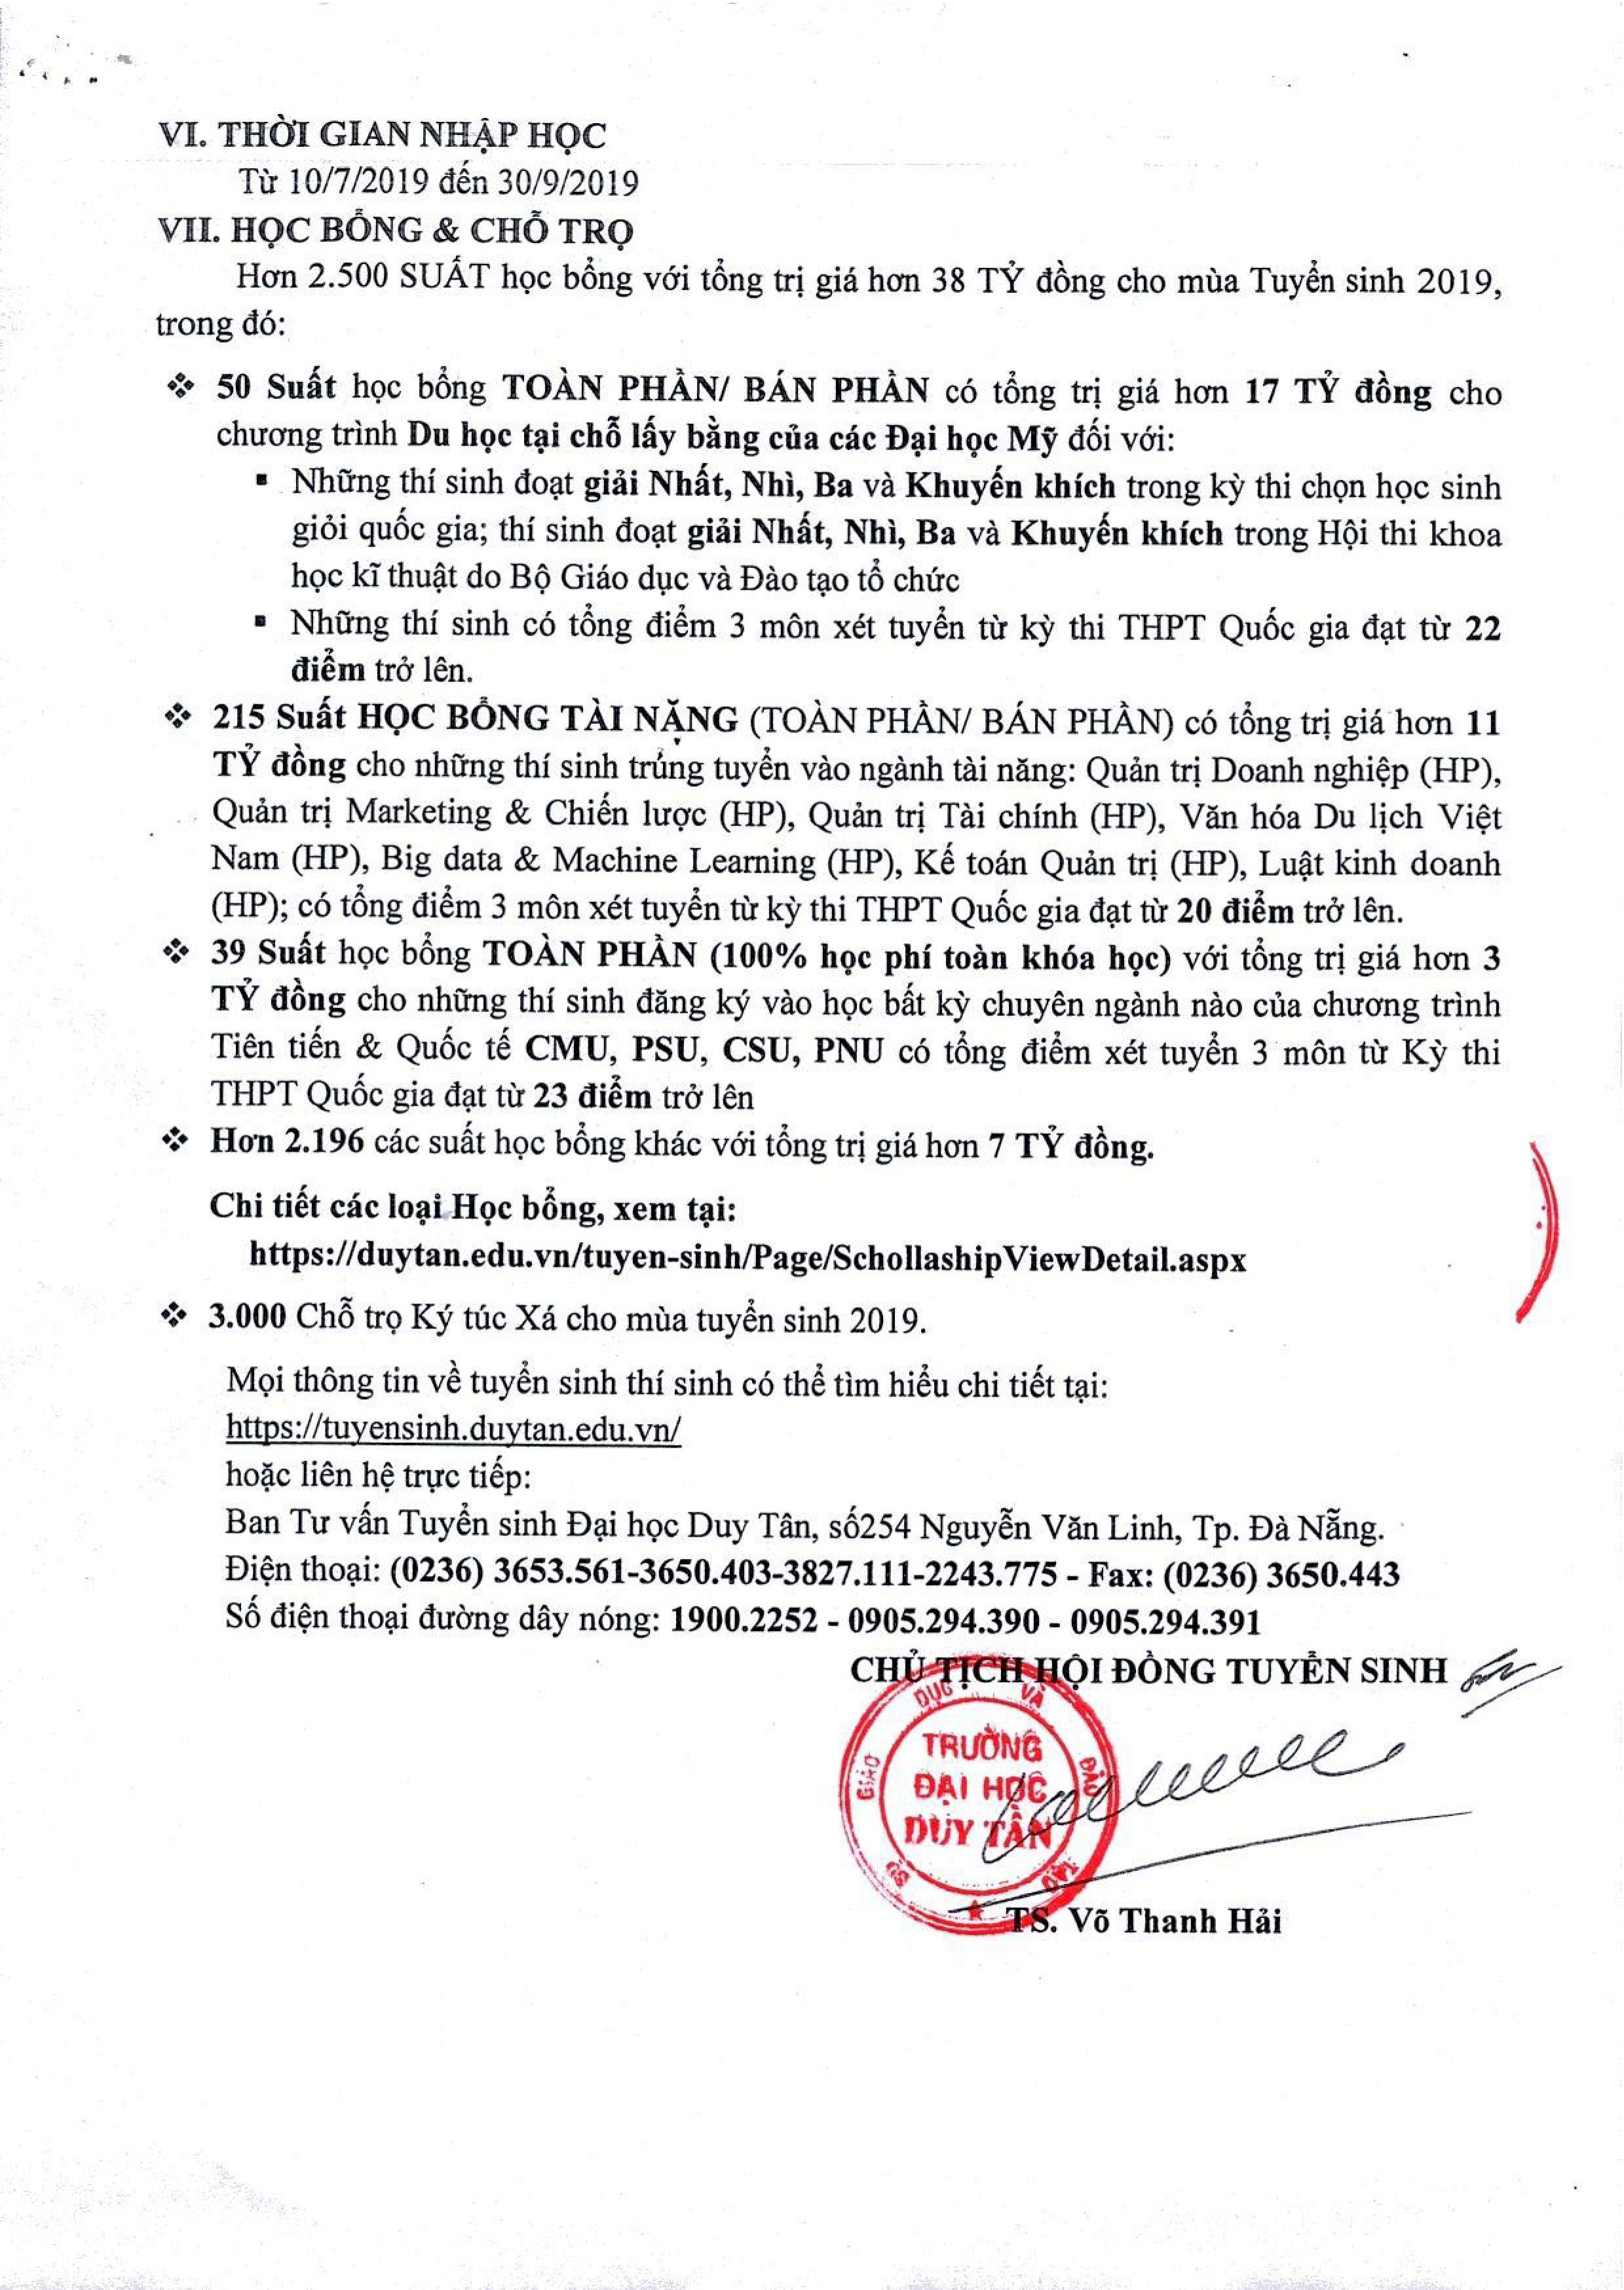 Thông báo Tuyển sinh Đại học Duy Tân năm 2019 Ddb0d1b4-65a7-4892-acb7-ff09cac00cca